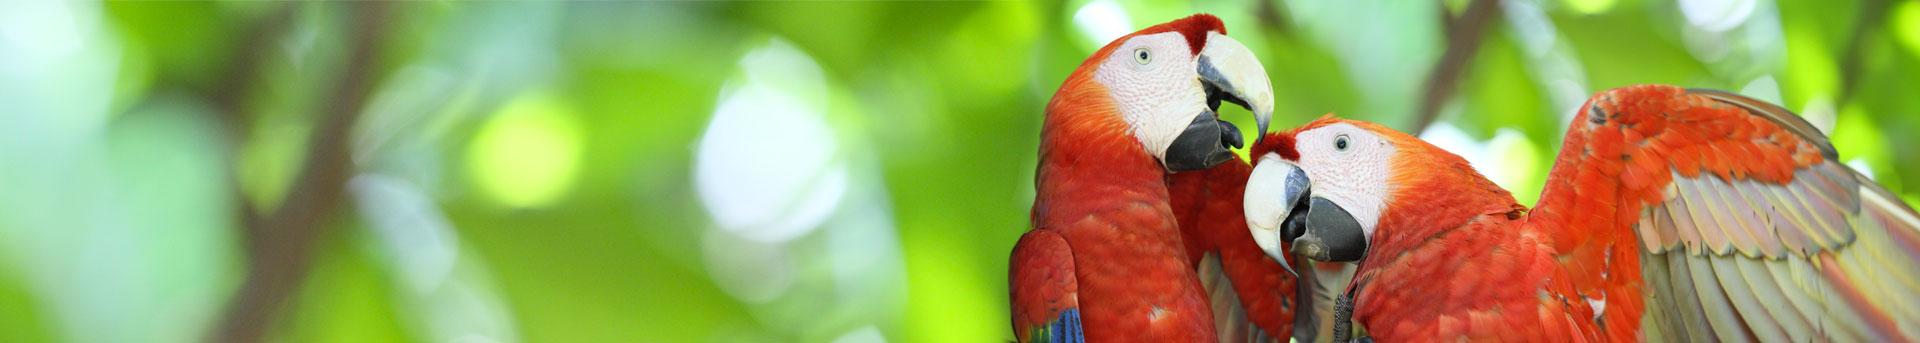 Conozca bellezas naturales. Lapa Roja